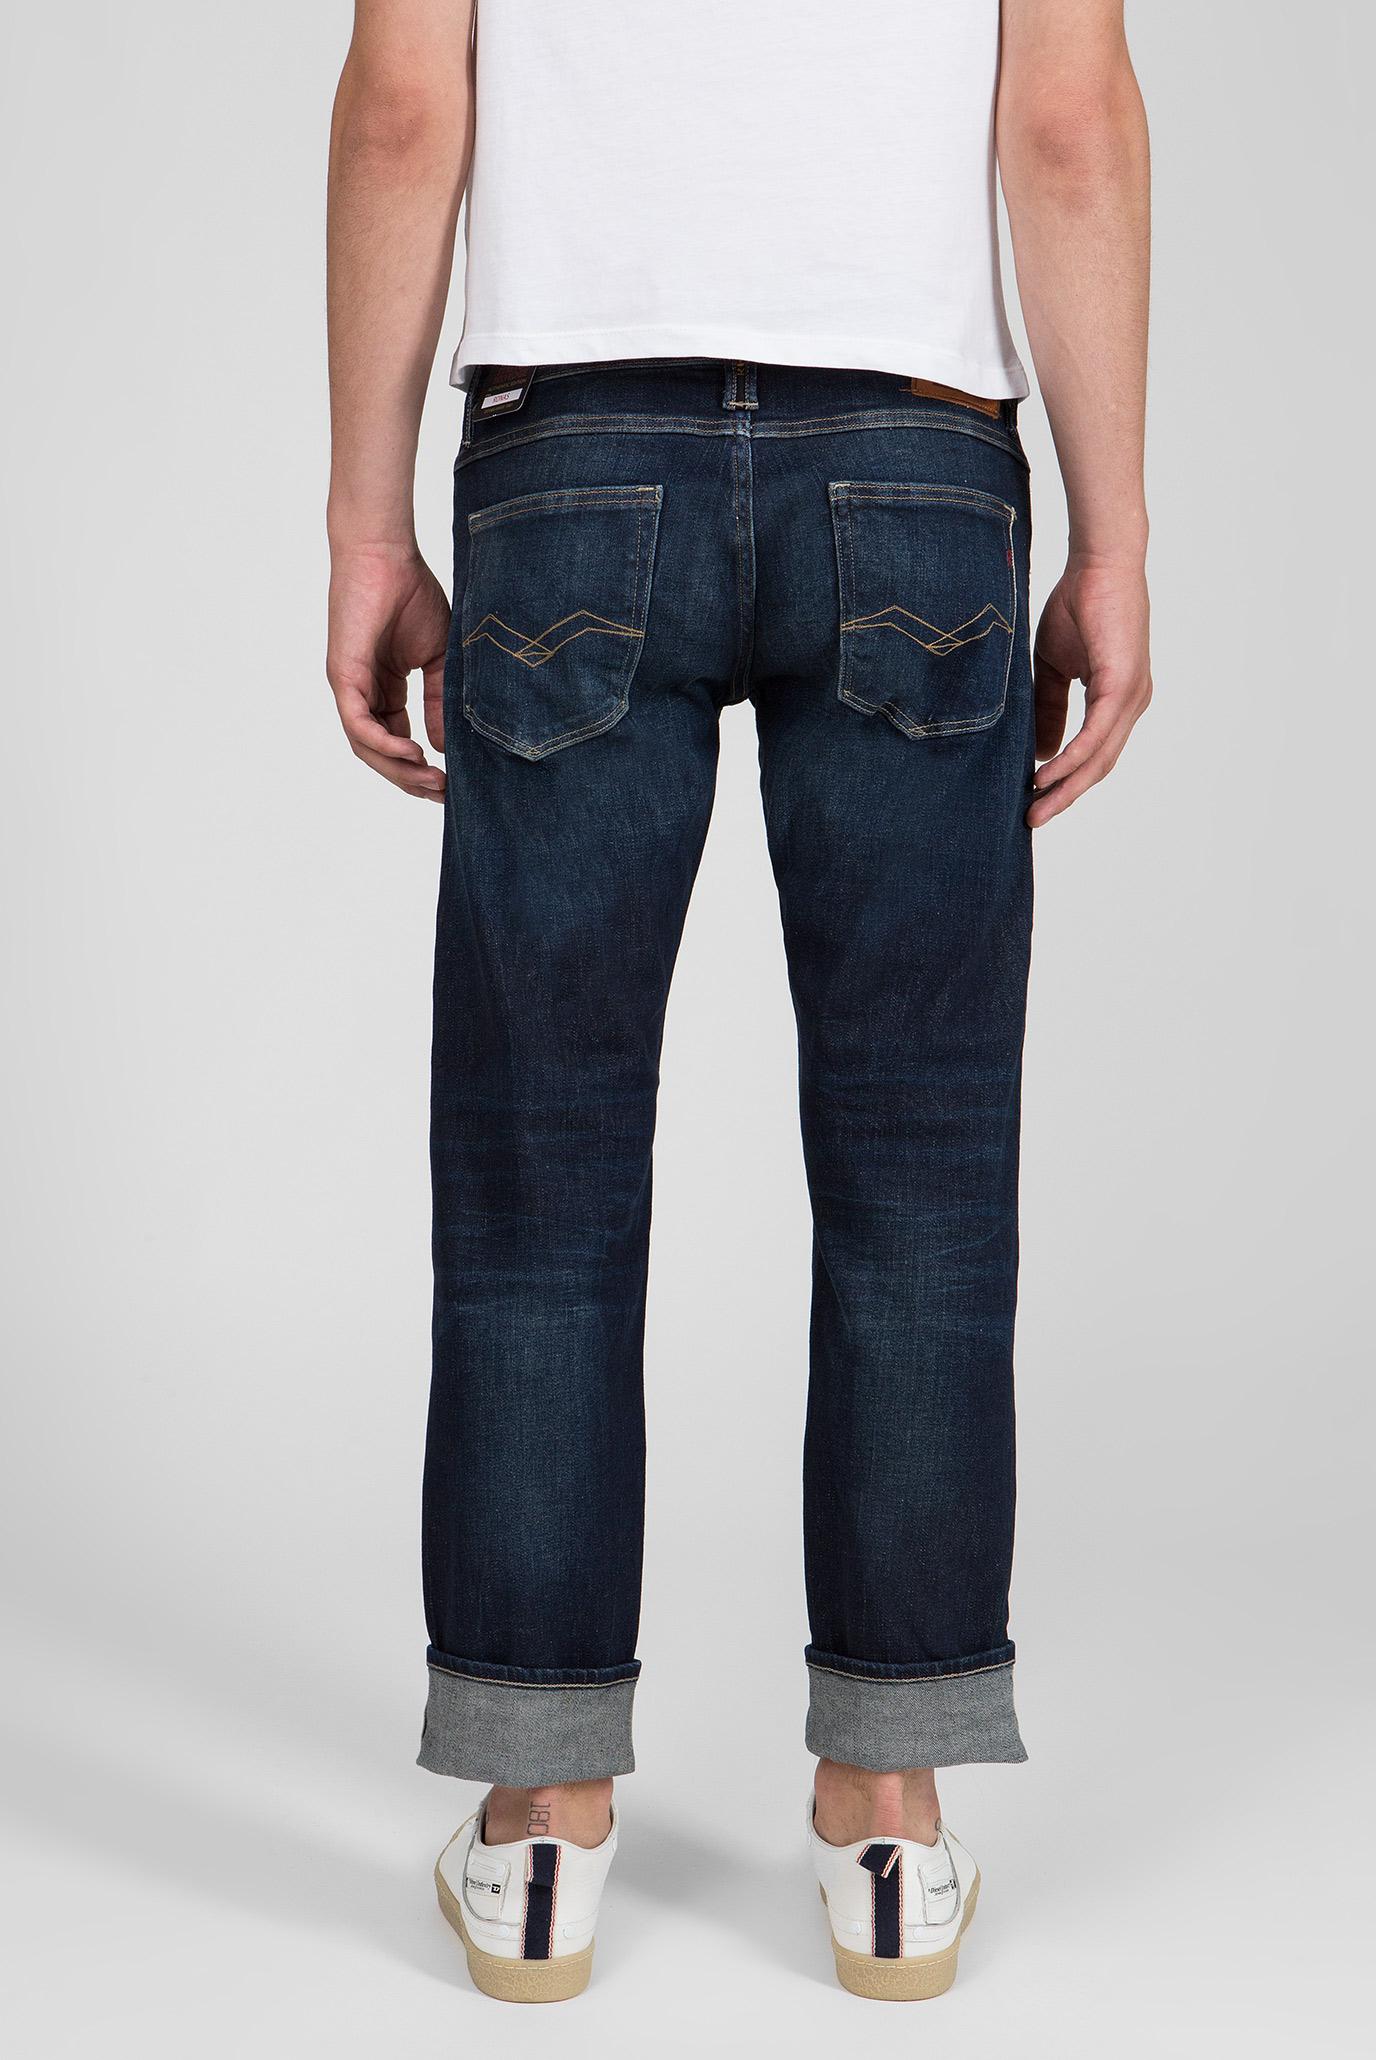 Купить Мужские темно-синие джинсы RONAS Replay Replay MCA946.000.121 304 – Киев, Украина. Цены в интернет магазине MD Fashion